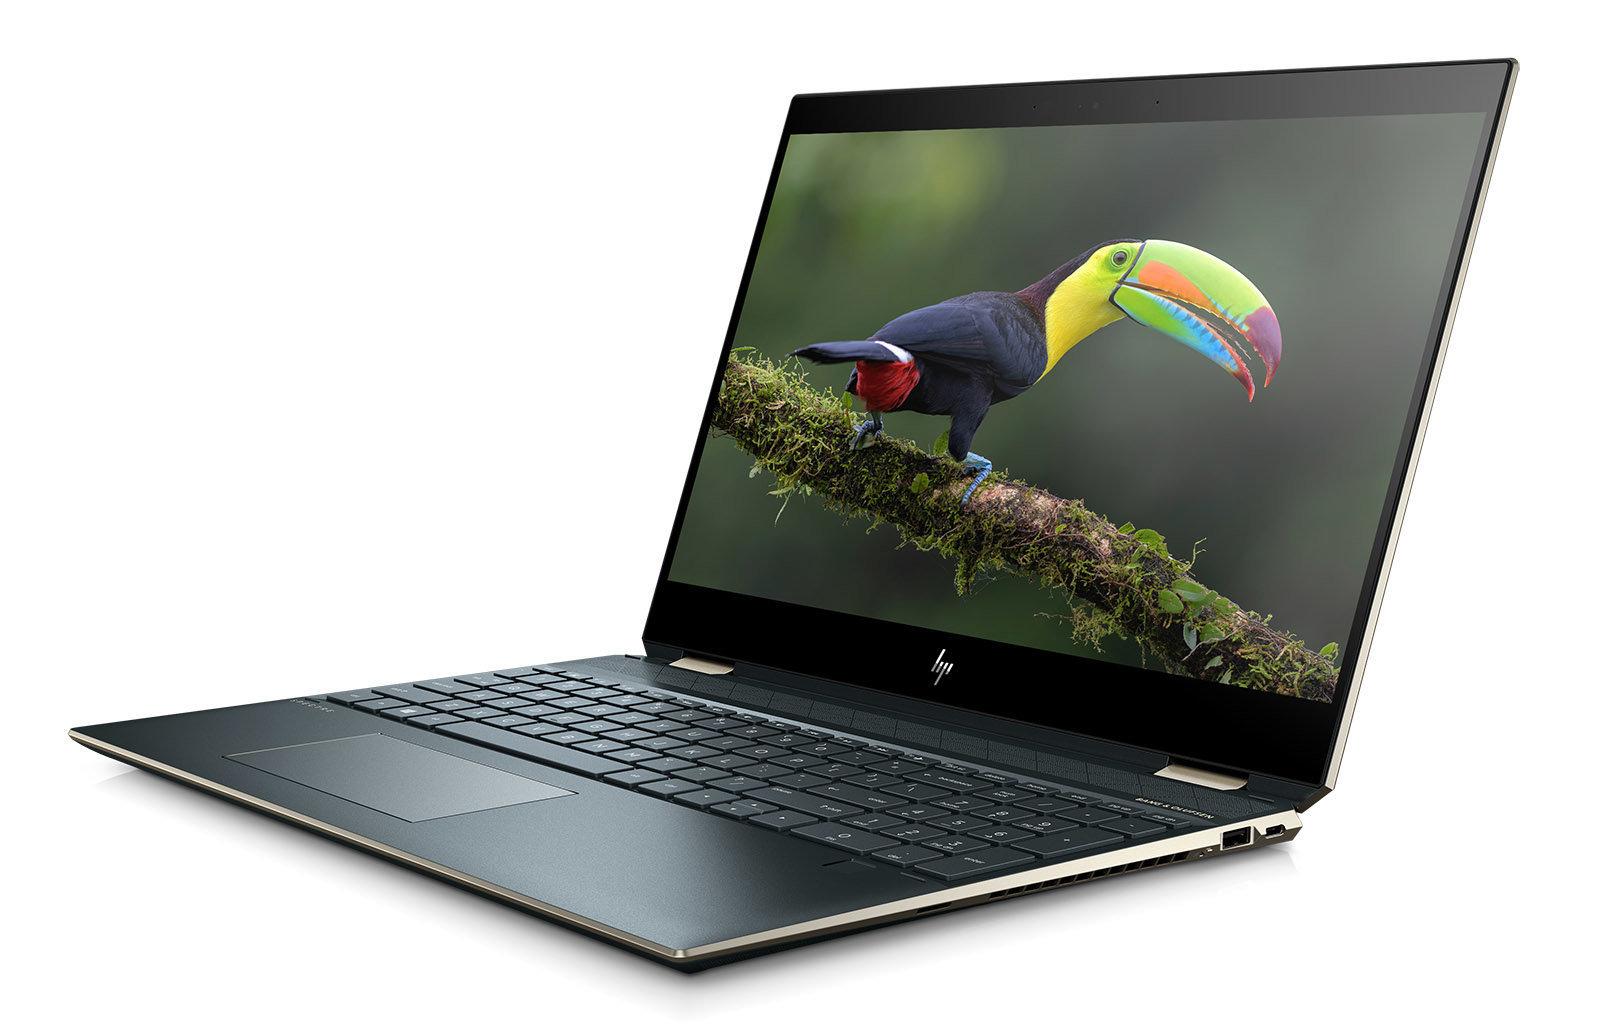 Mẫu laptop Spectre x360 15 inch